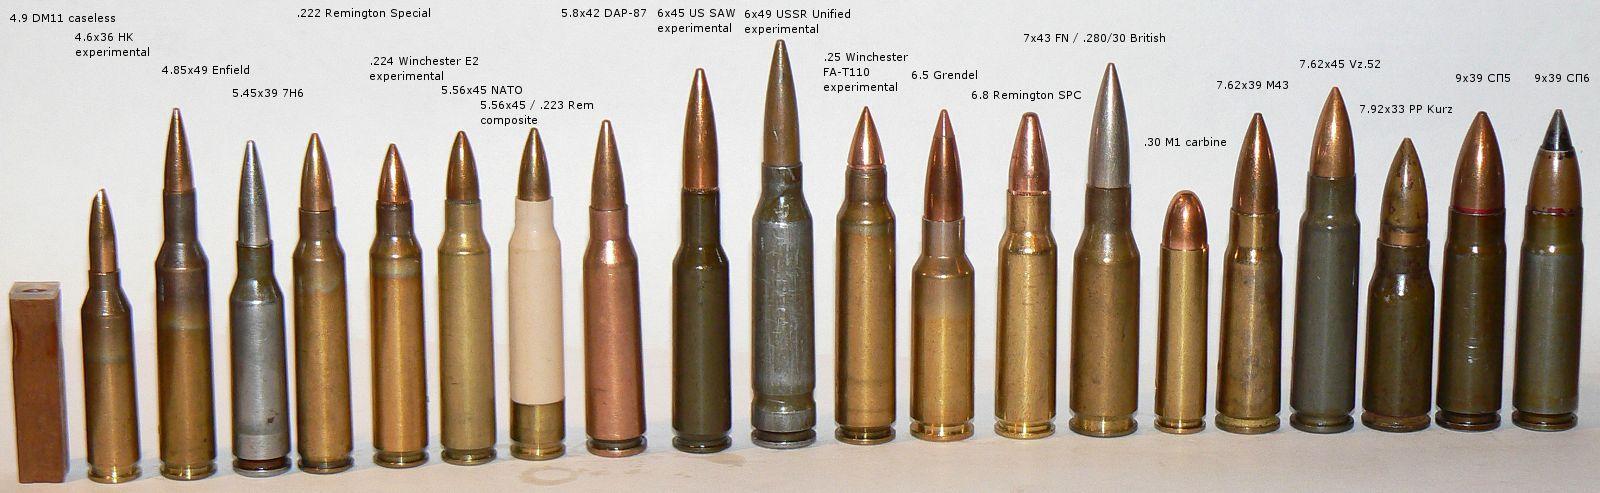 =D'Krintanx=: Ammunition gallery: cartridges for handguns ...  Ammunition Sizes